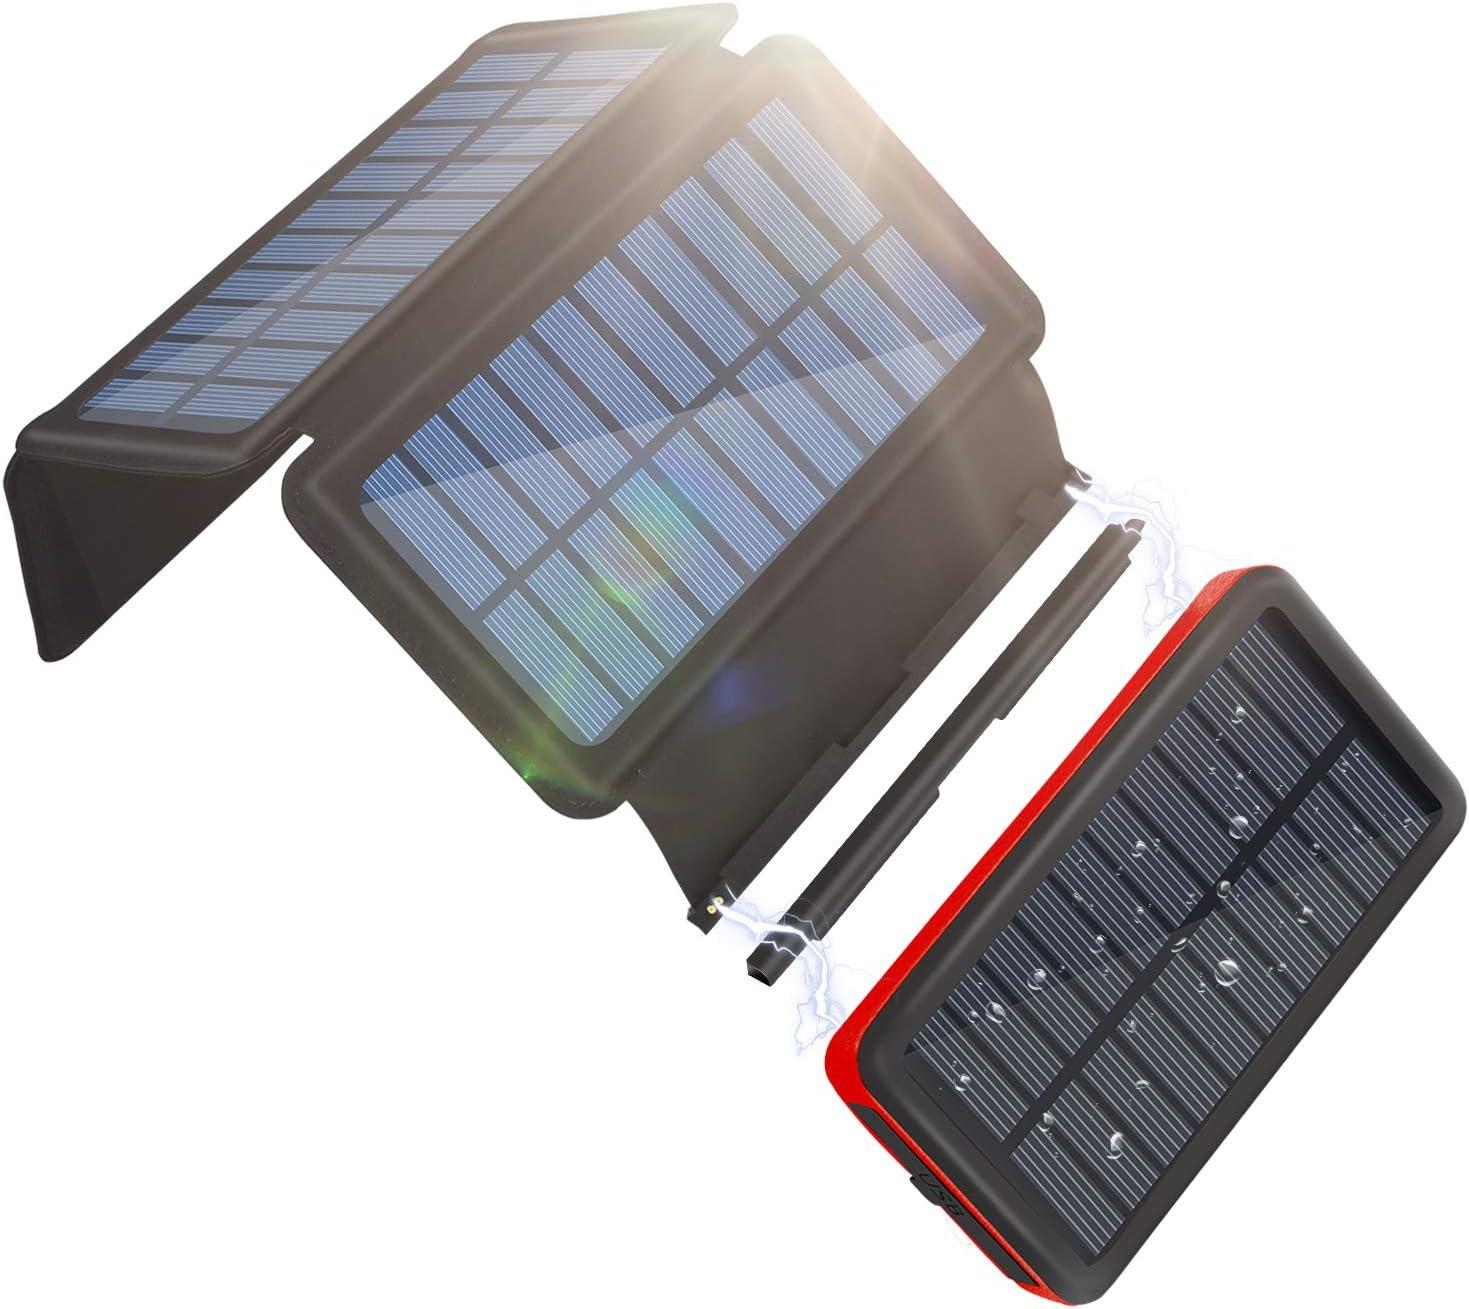 ソーラーチャージャー モバイルバッテリー 26800mAh 大容量